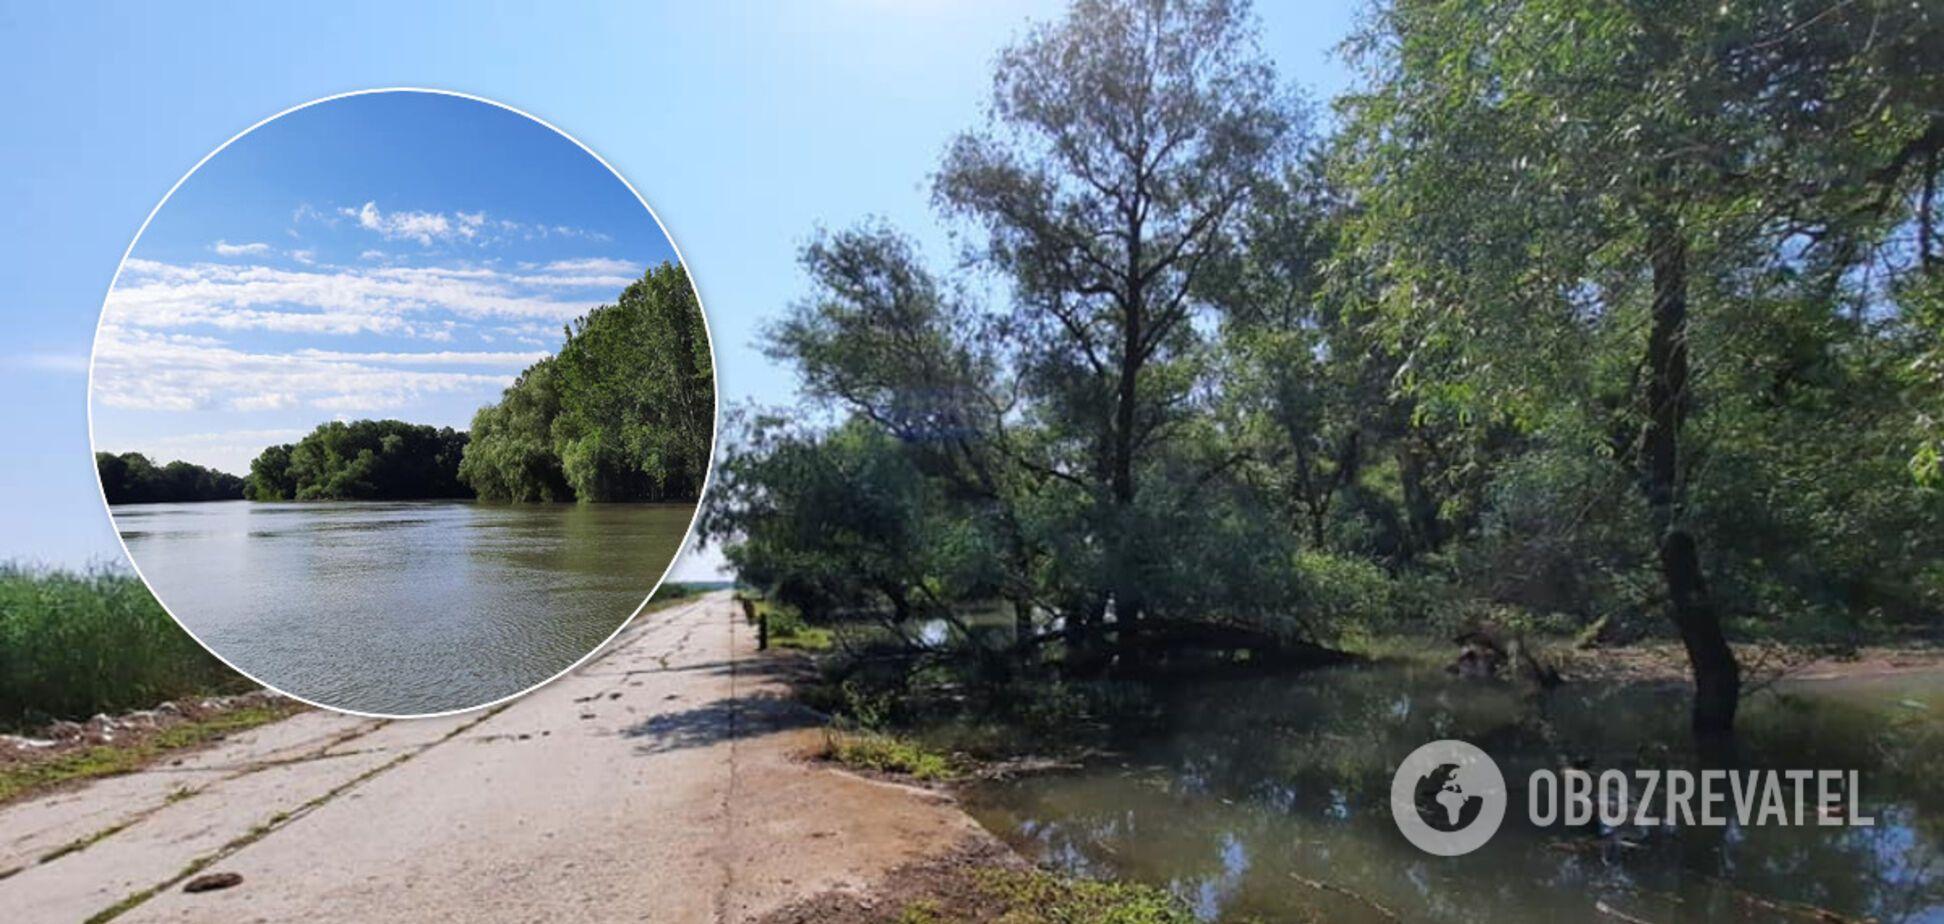 Одещину може затопити найближчими днями: еколог вказав на небезпеку паводків